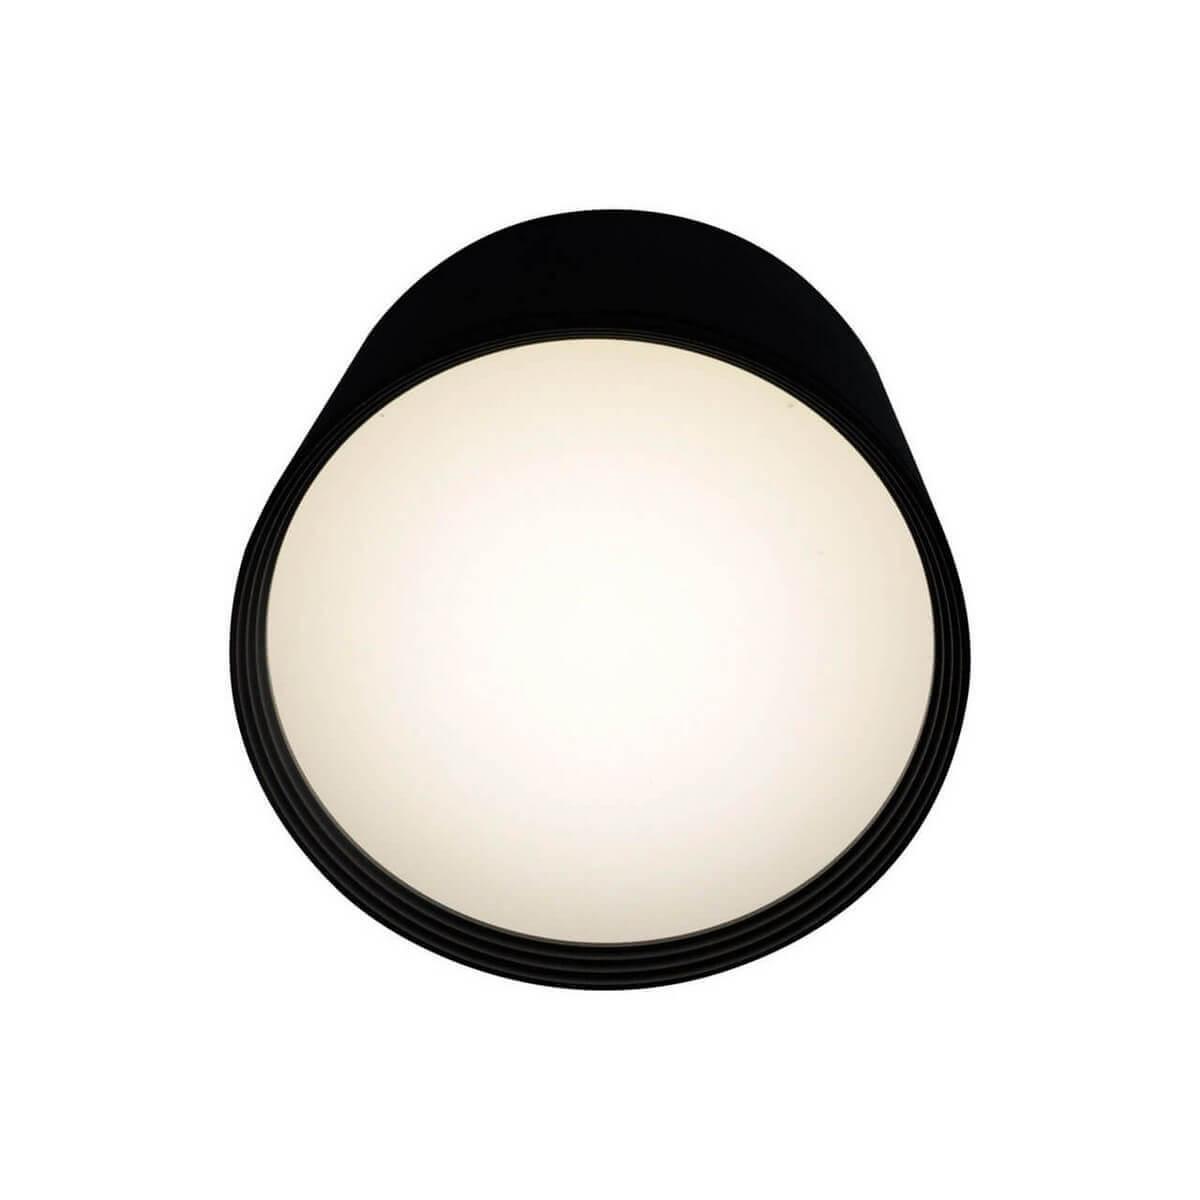 Потолочный светодиодный светильник Kink Light Медина 05412,19 потолочный светодиодный светильник kink light медина 05430 01